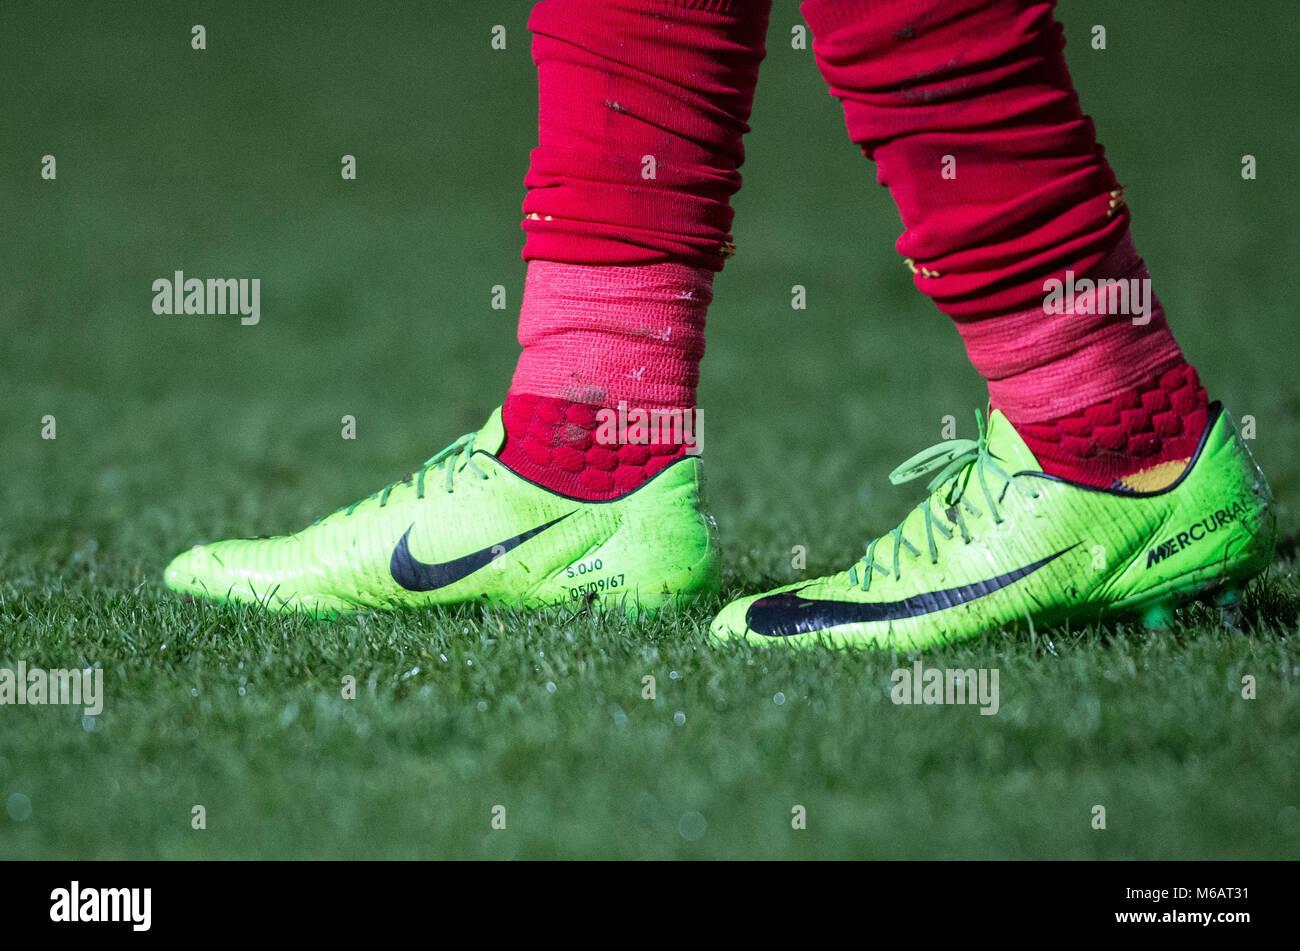 enero pistola Aplicar  Sheyi Ojo de Liverpool, calcetines y botas de fútbol de Nike personalizados  durante el EPL2 - U23 - Premier League 2 coincidencia entre lectura y  Liverpool en Adams Fotografía de stock - Alamy